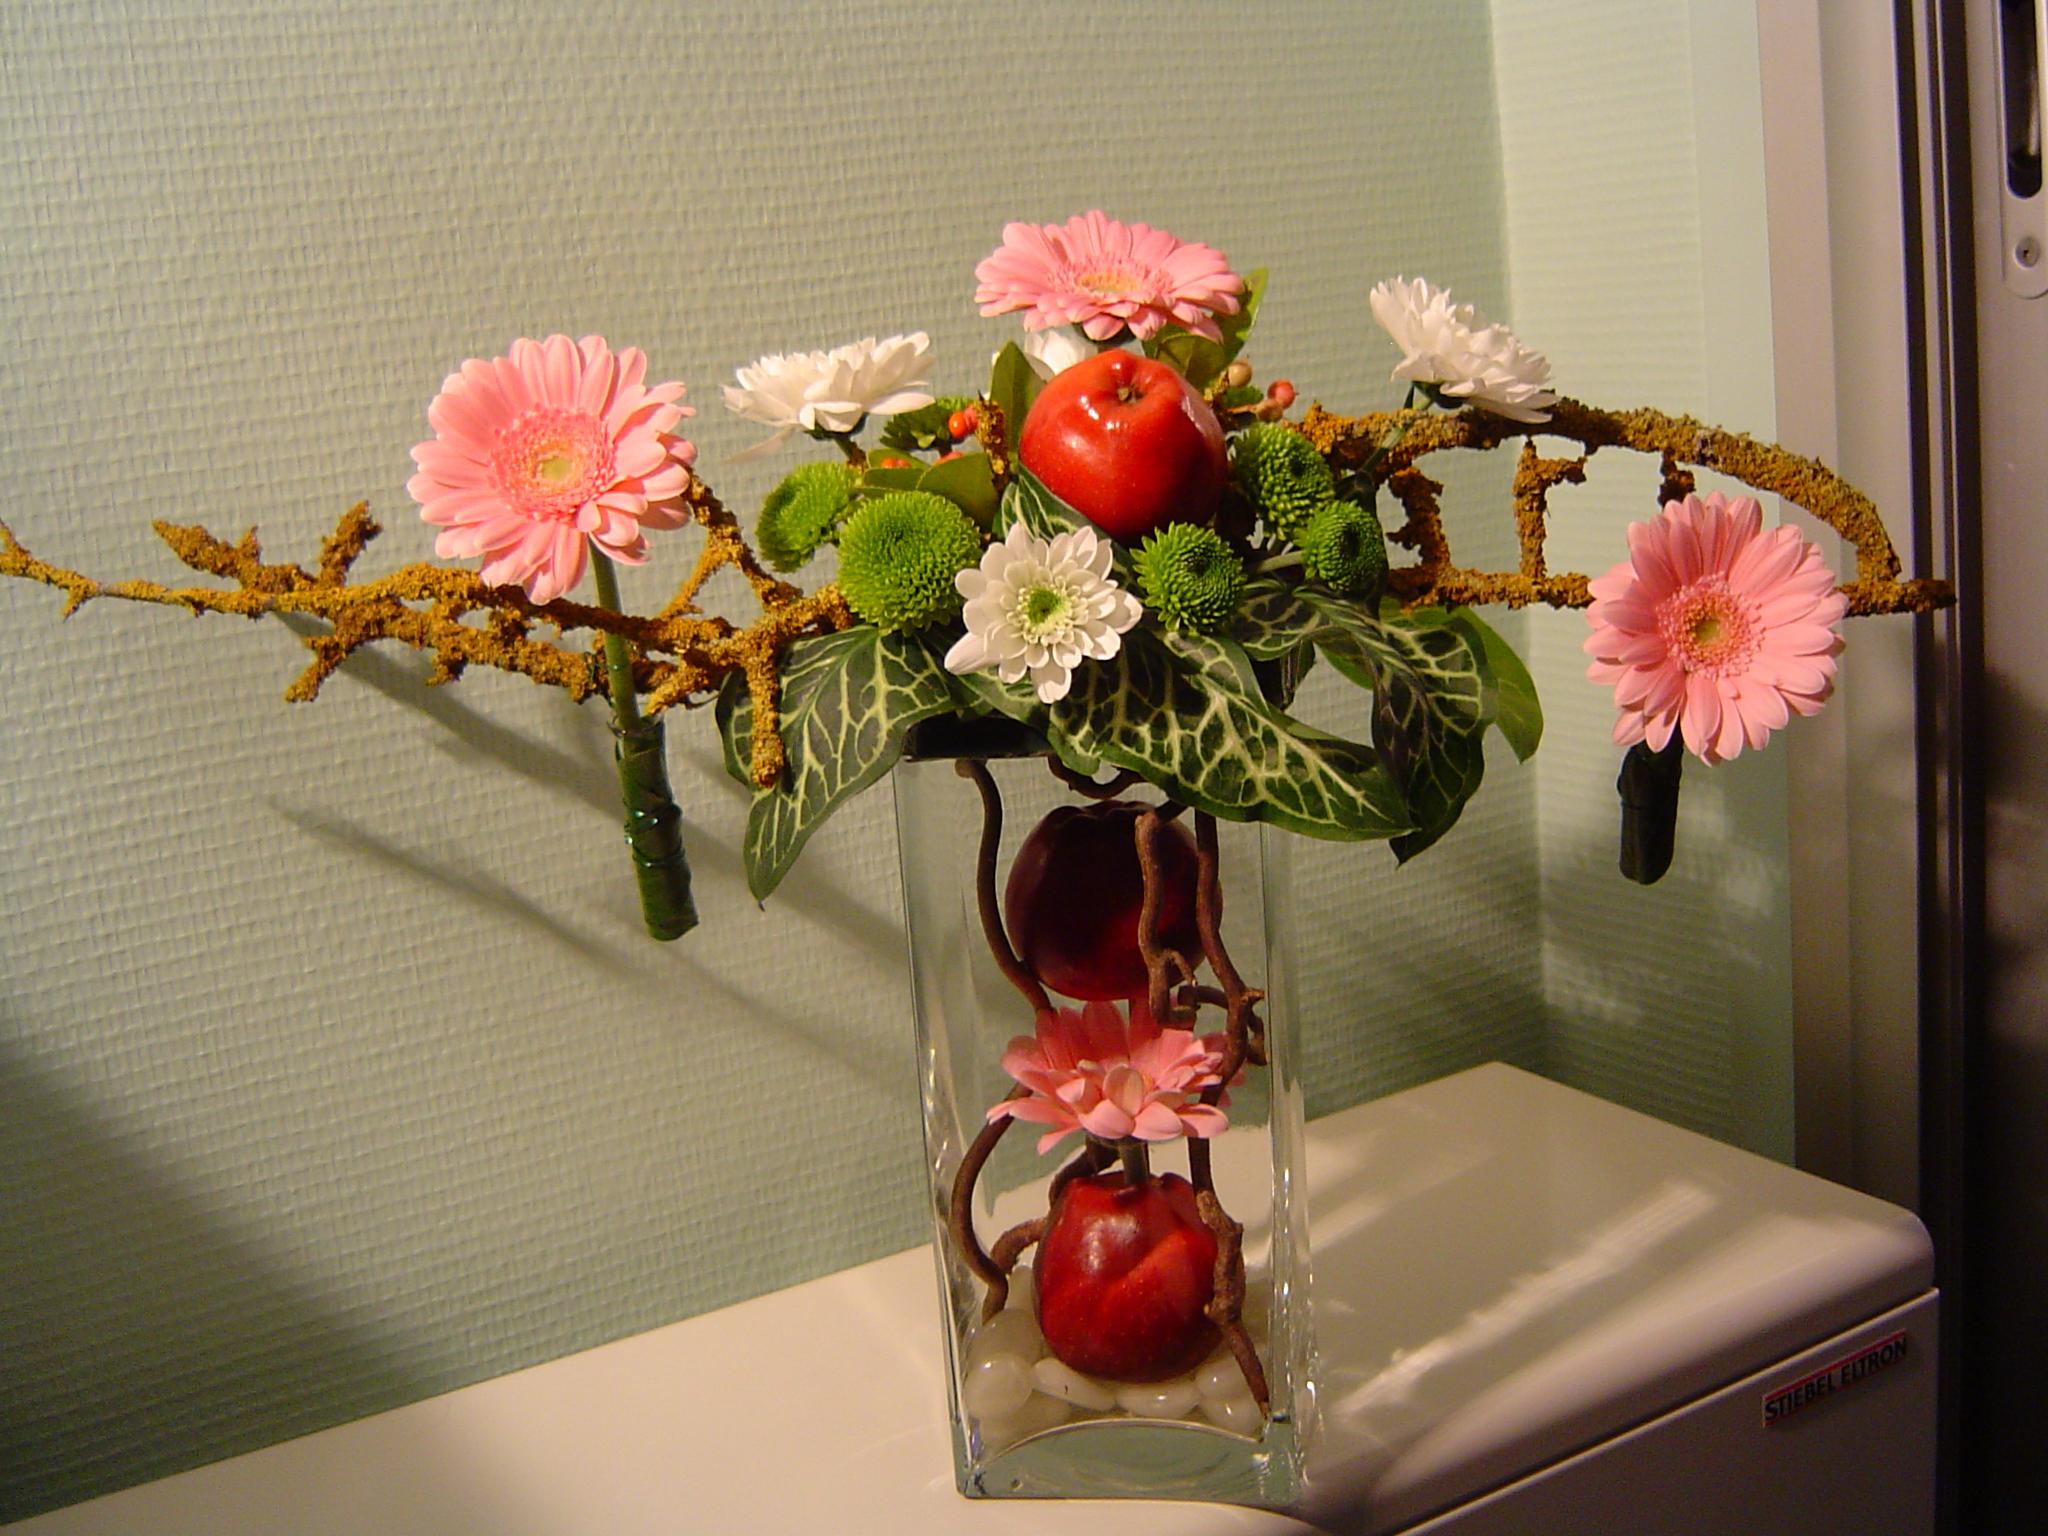 Bien-aimé rosarum » art floral OL93